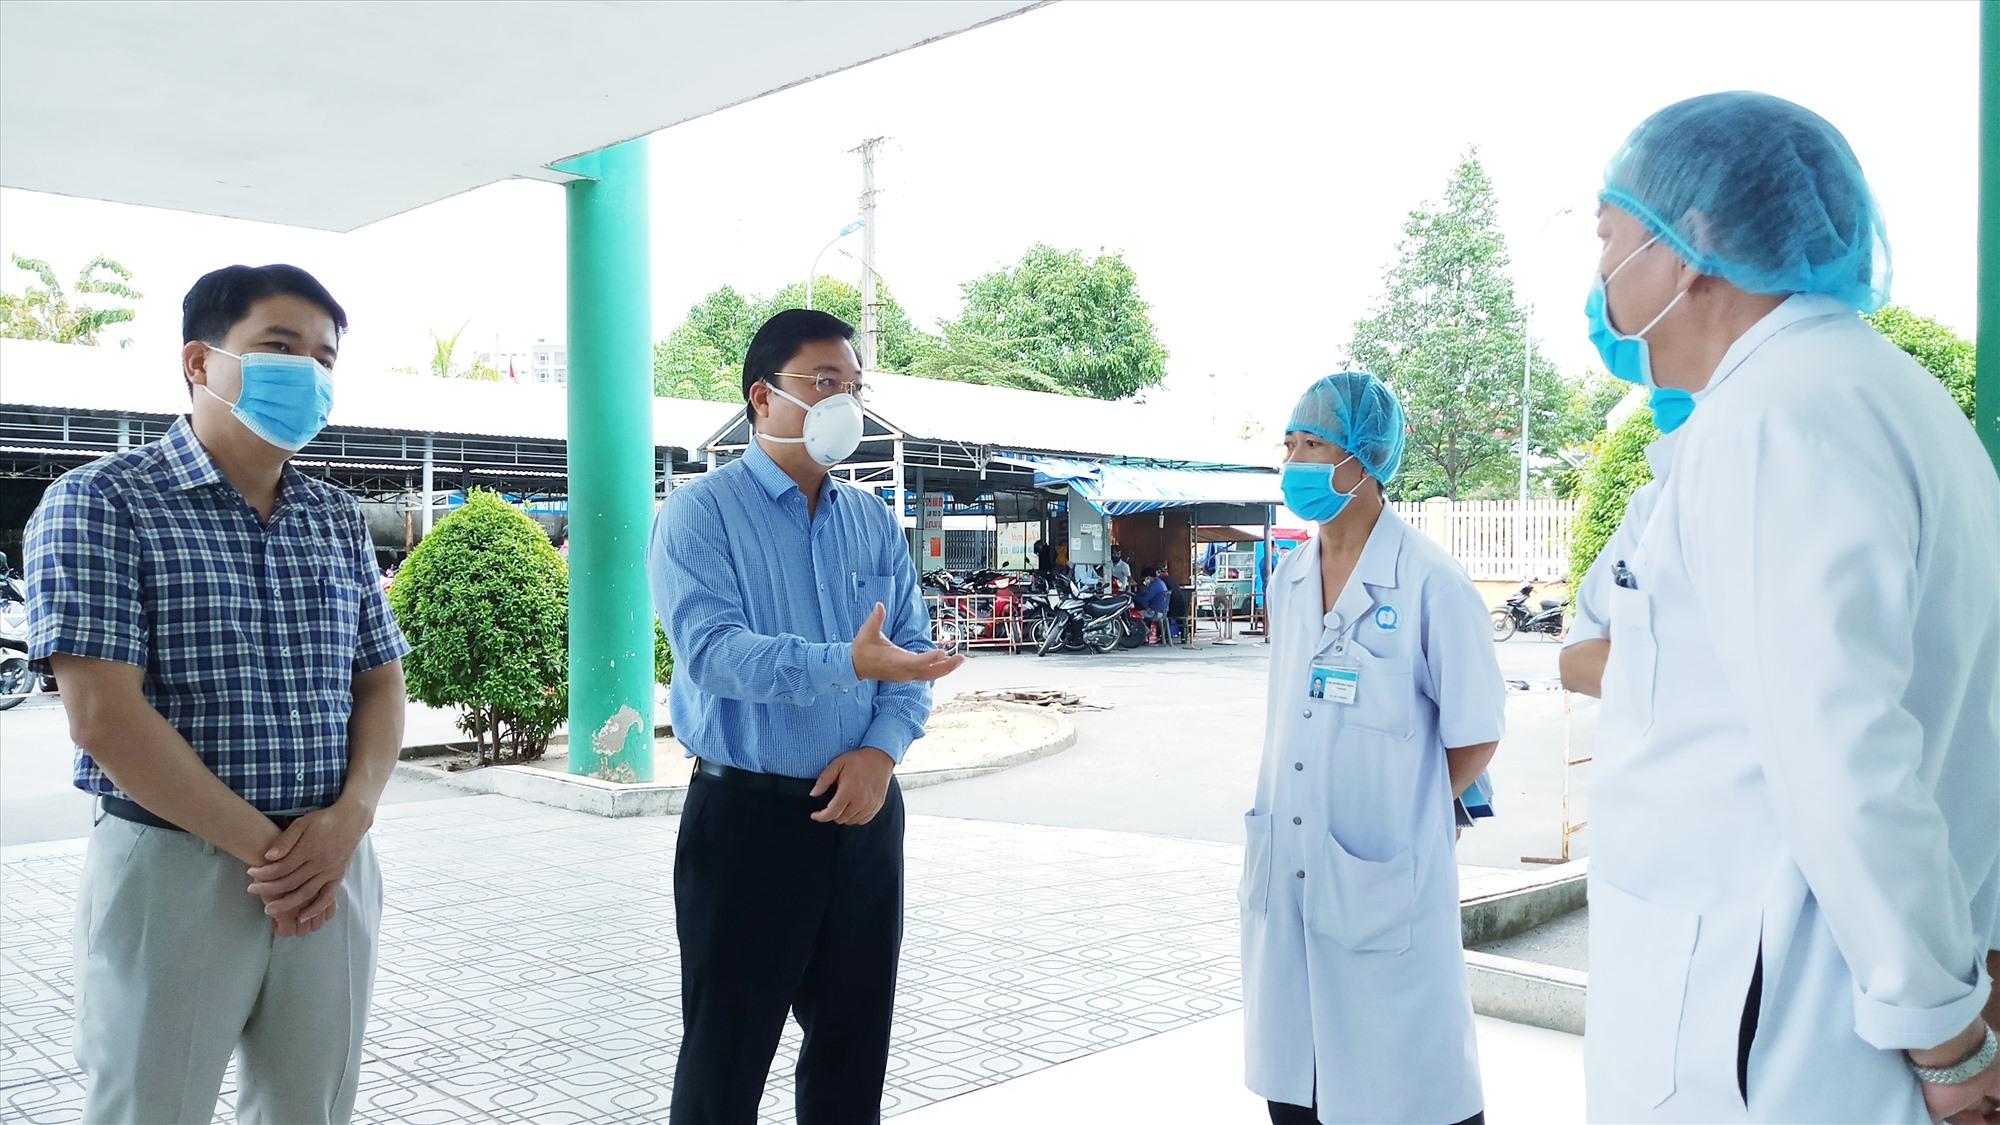 Chủ tịch UBND tỉnh (thứ 2, từ trái sang) động viên đội ngũ cán bộ, nhân viên tế Bệnh viện Đa khoa tỉnh trong công tác phòng chống dịch Covid-19. Ảnh: A.N